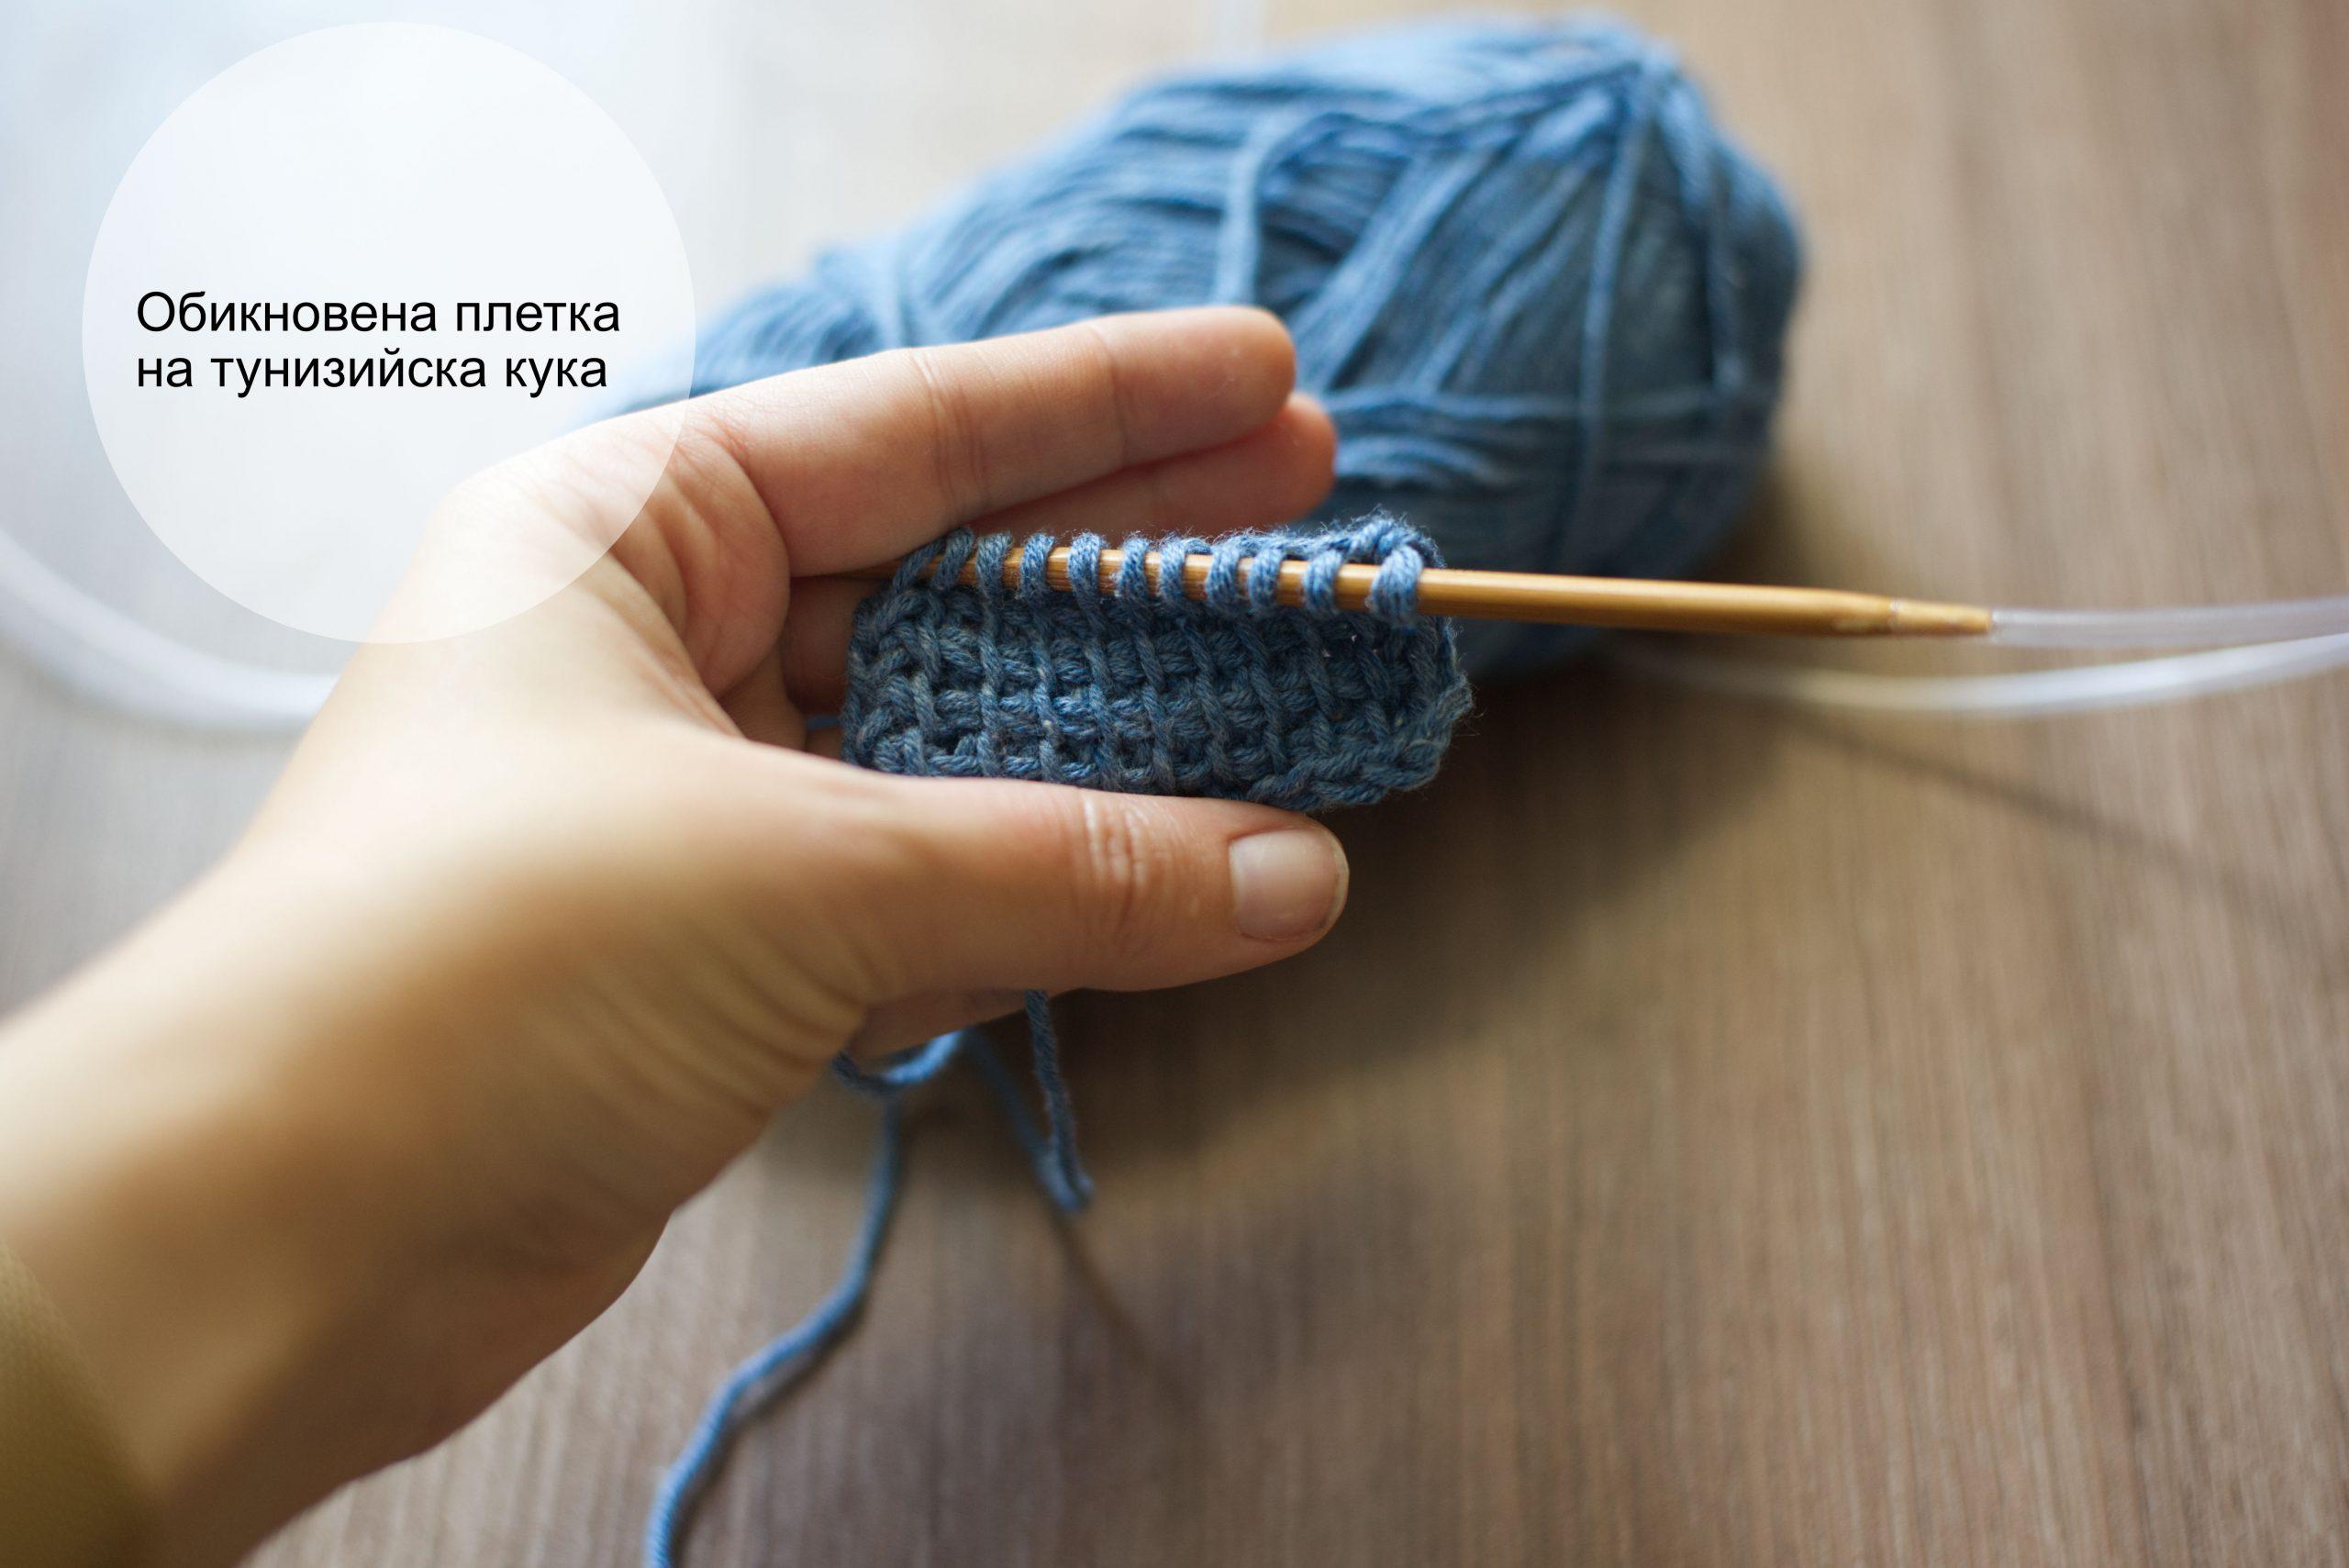 Как се започва плетене с тунизийска кука